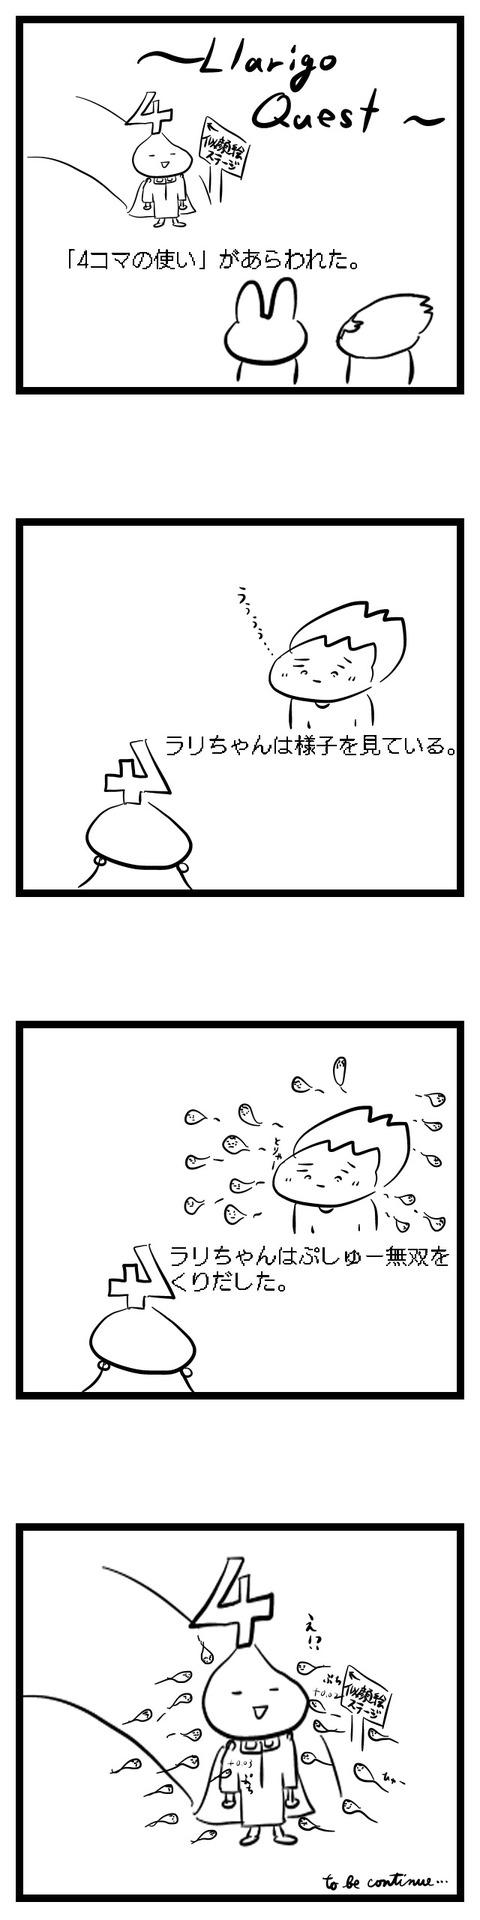 11ラリーゴクエスト①